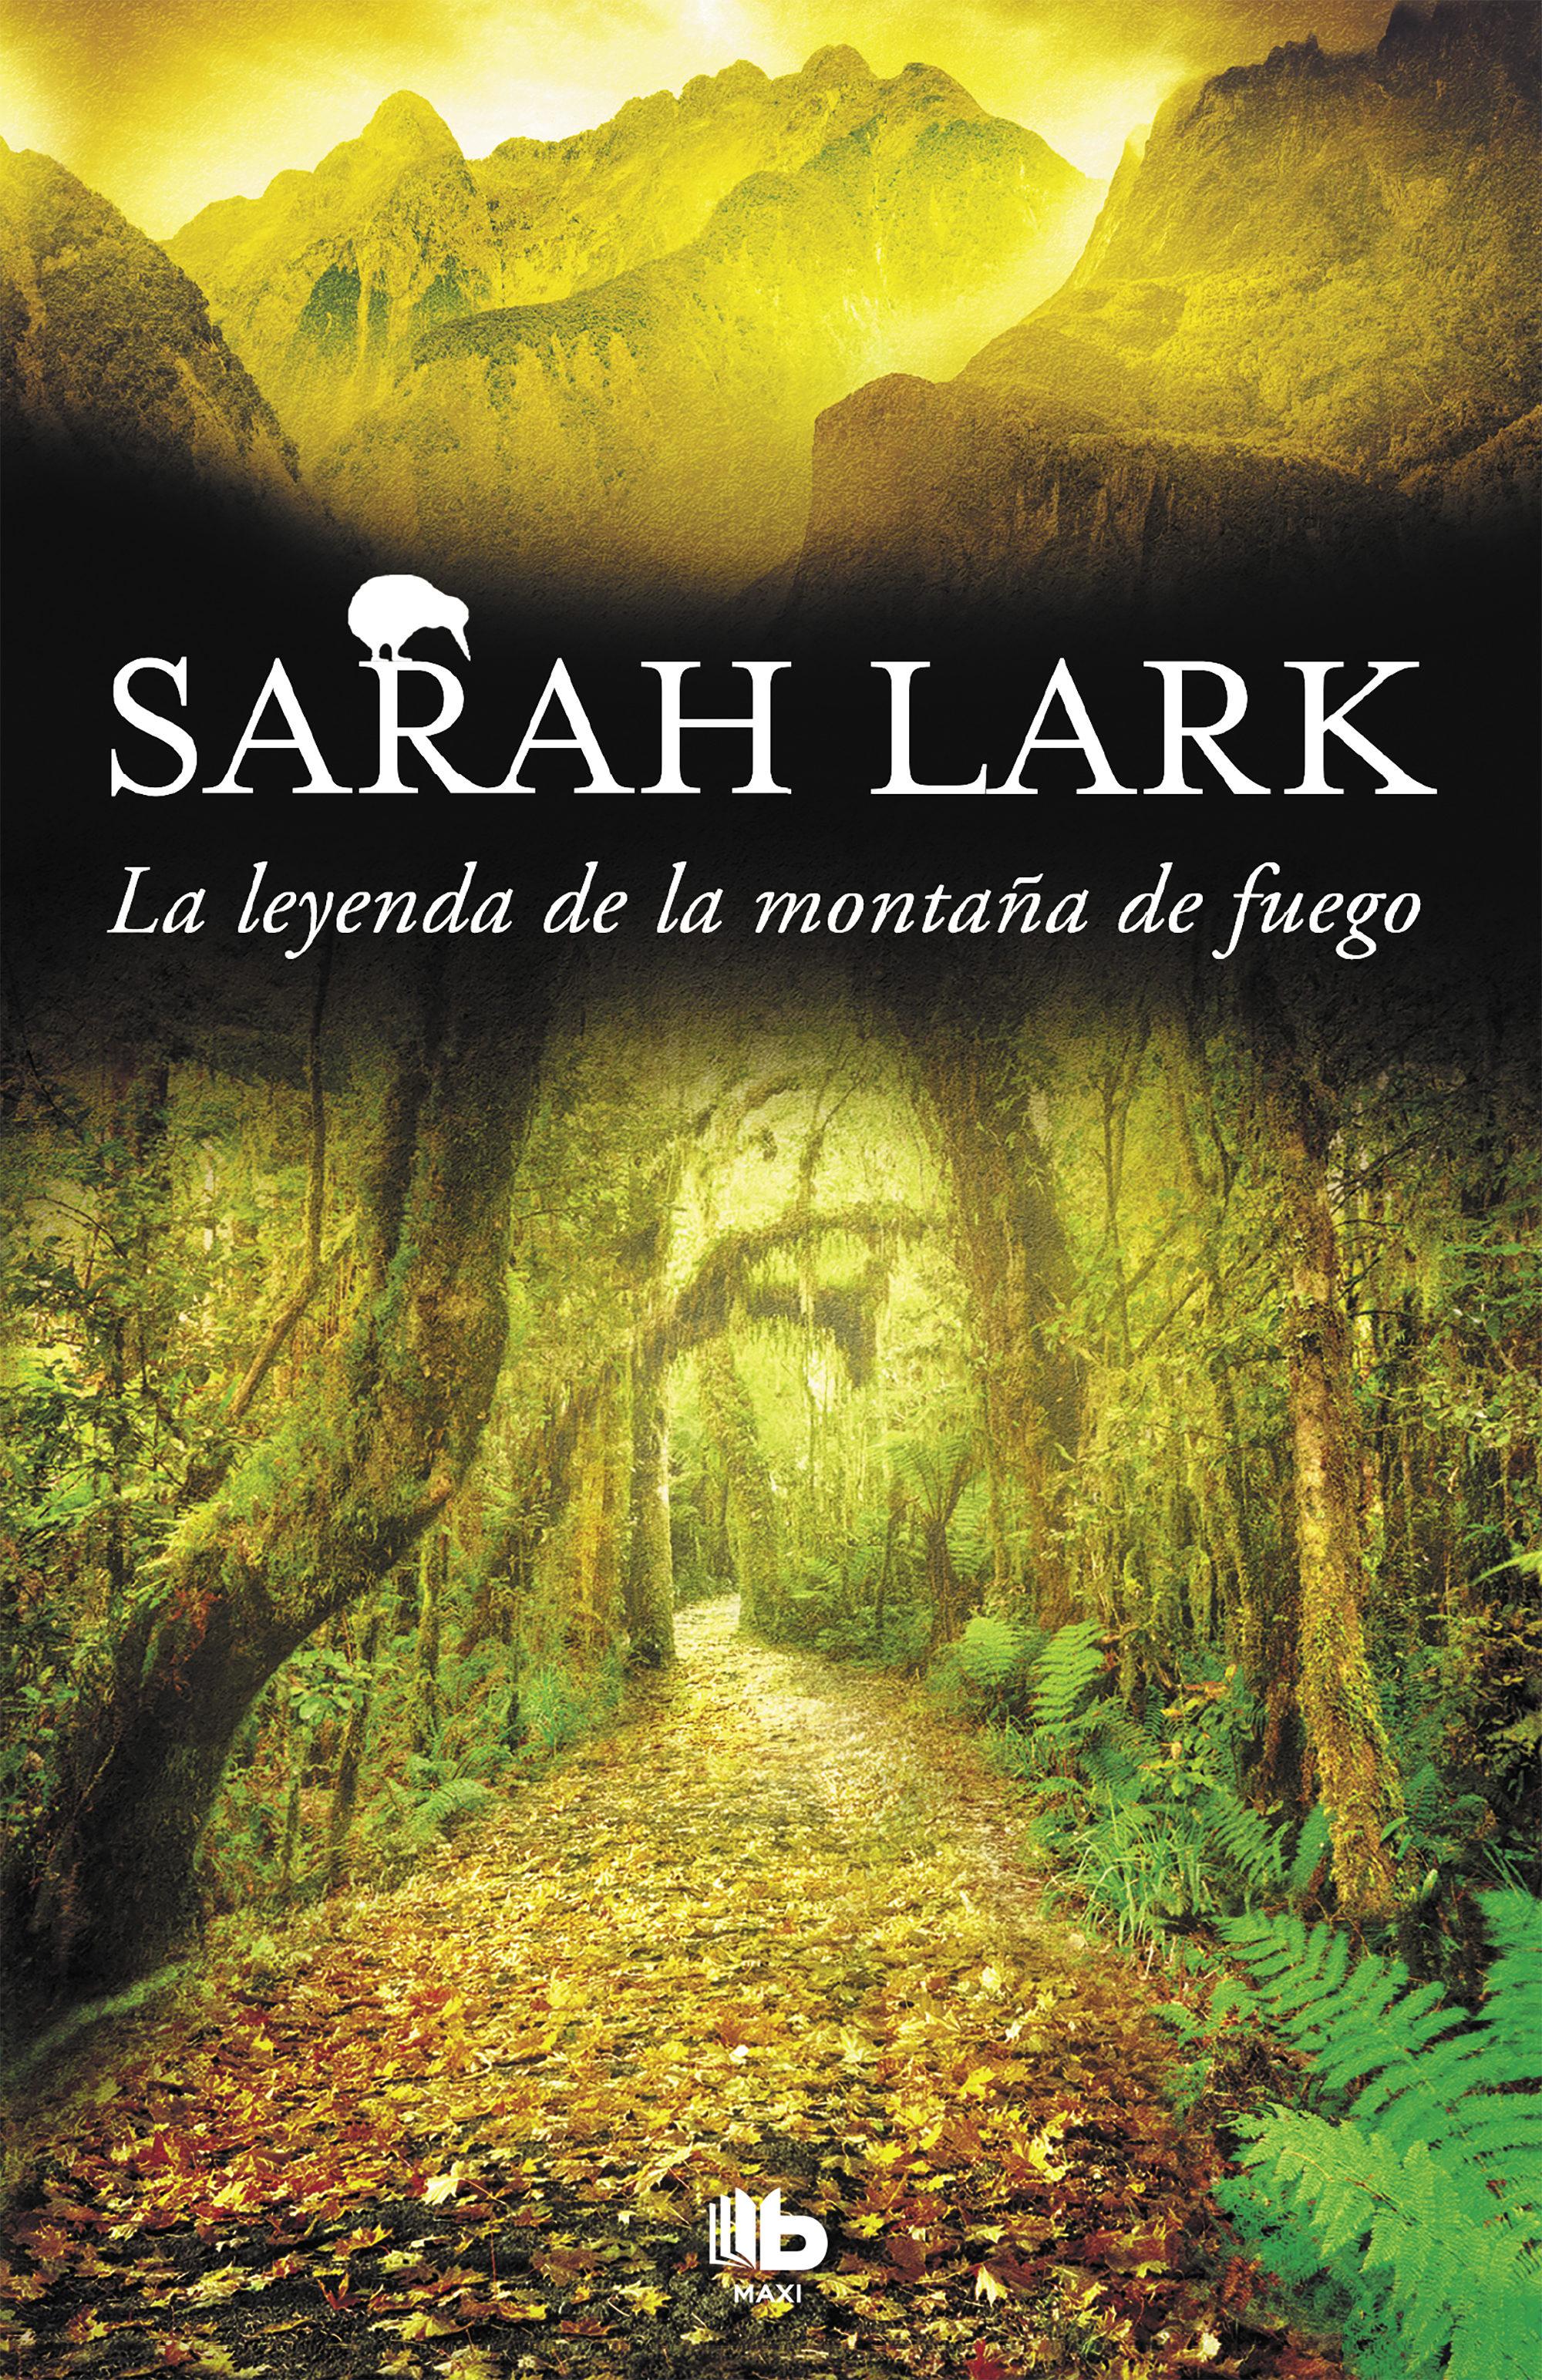 La Leyenda de la Montaña de Fuego - Sarah Lark - B De Bolsillo